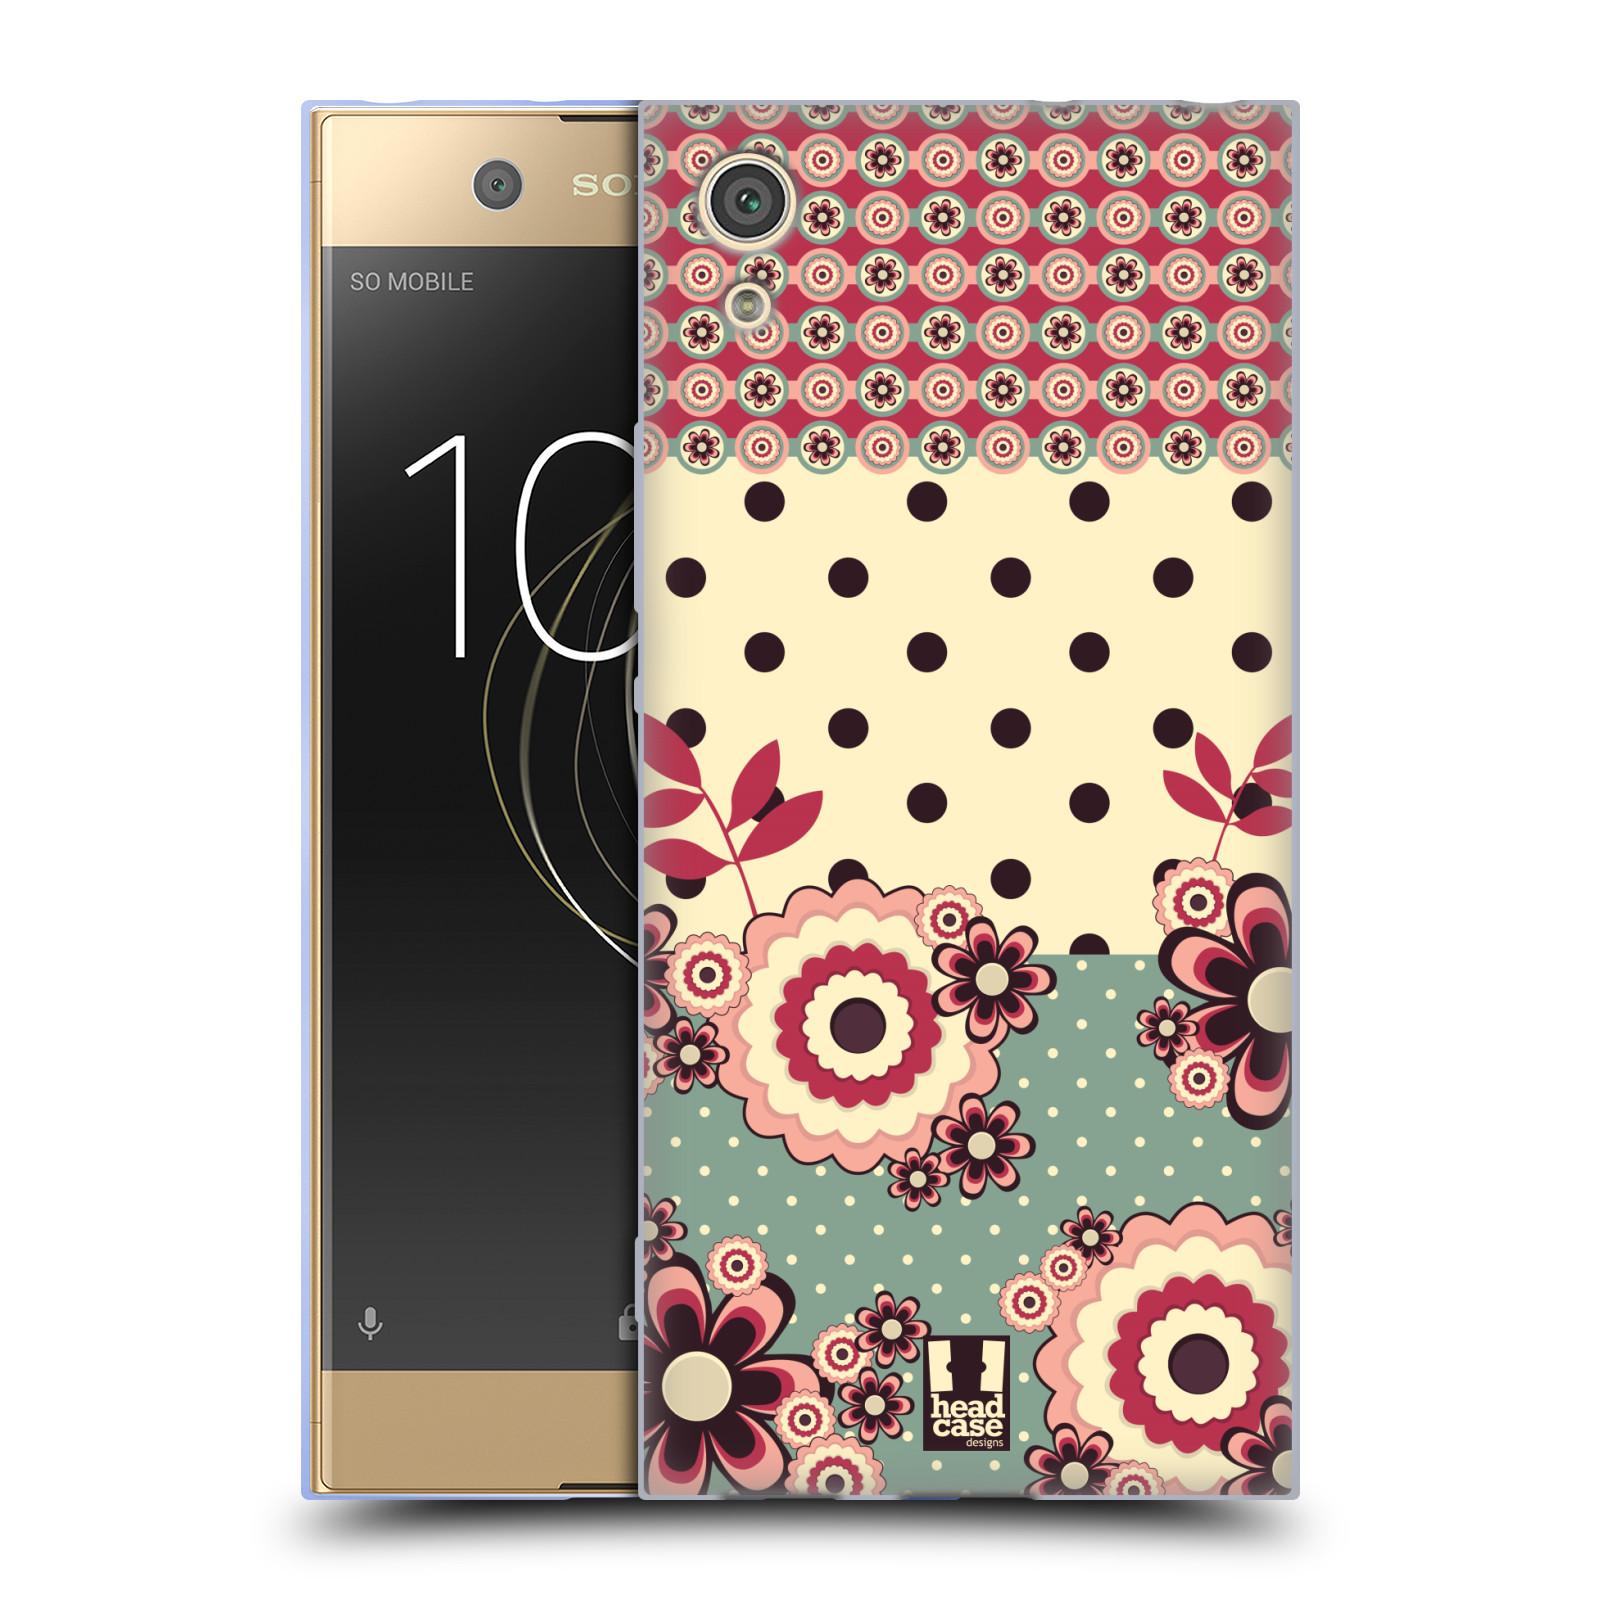 Silikonové pouzdro na mobil Sony Xperia XA1 - Head Case - KVÍTKA PINK CREAM (Silikonový kryt či obal na mobilní telefon Sony Xperia XA1 G3121 s motivem KVÍTKA PINK CREAM)